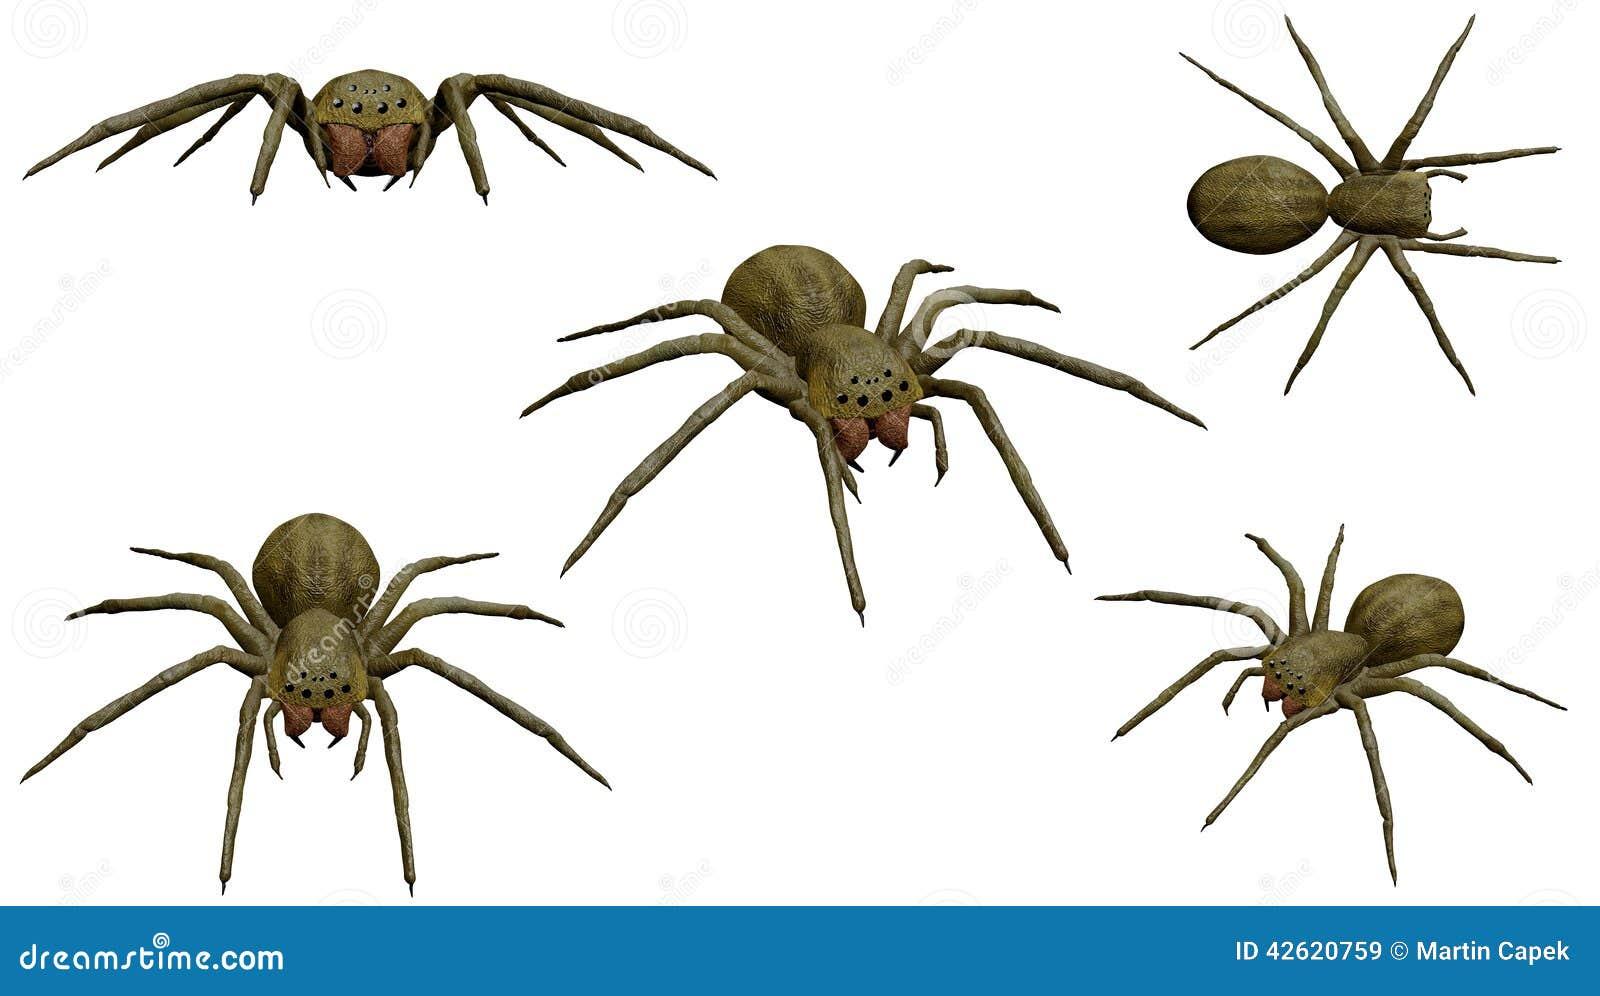 竹子,叶子,葫芦,蜘蛛的翡翠挂件分别象征什么意义?图片